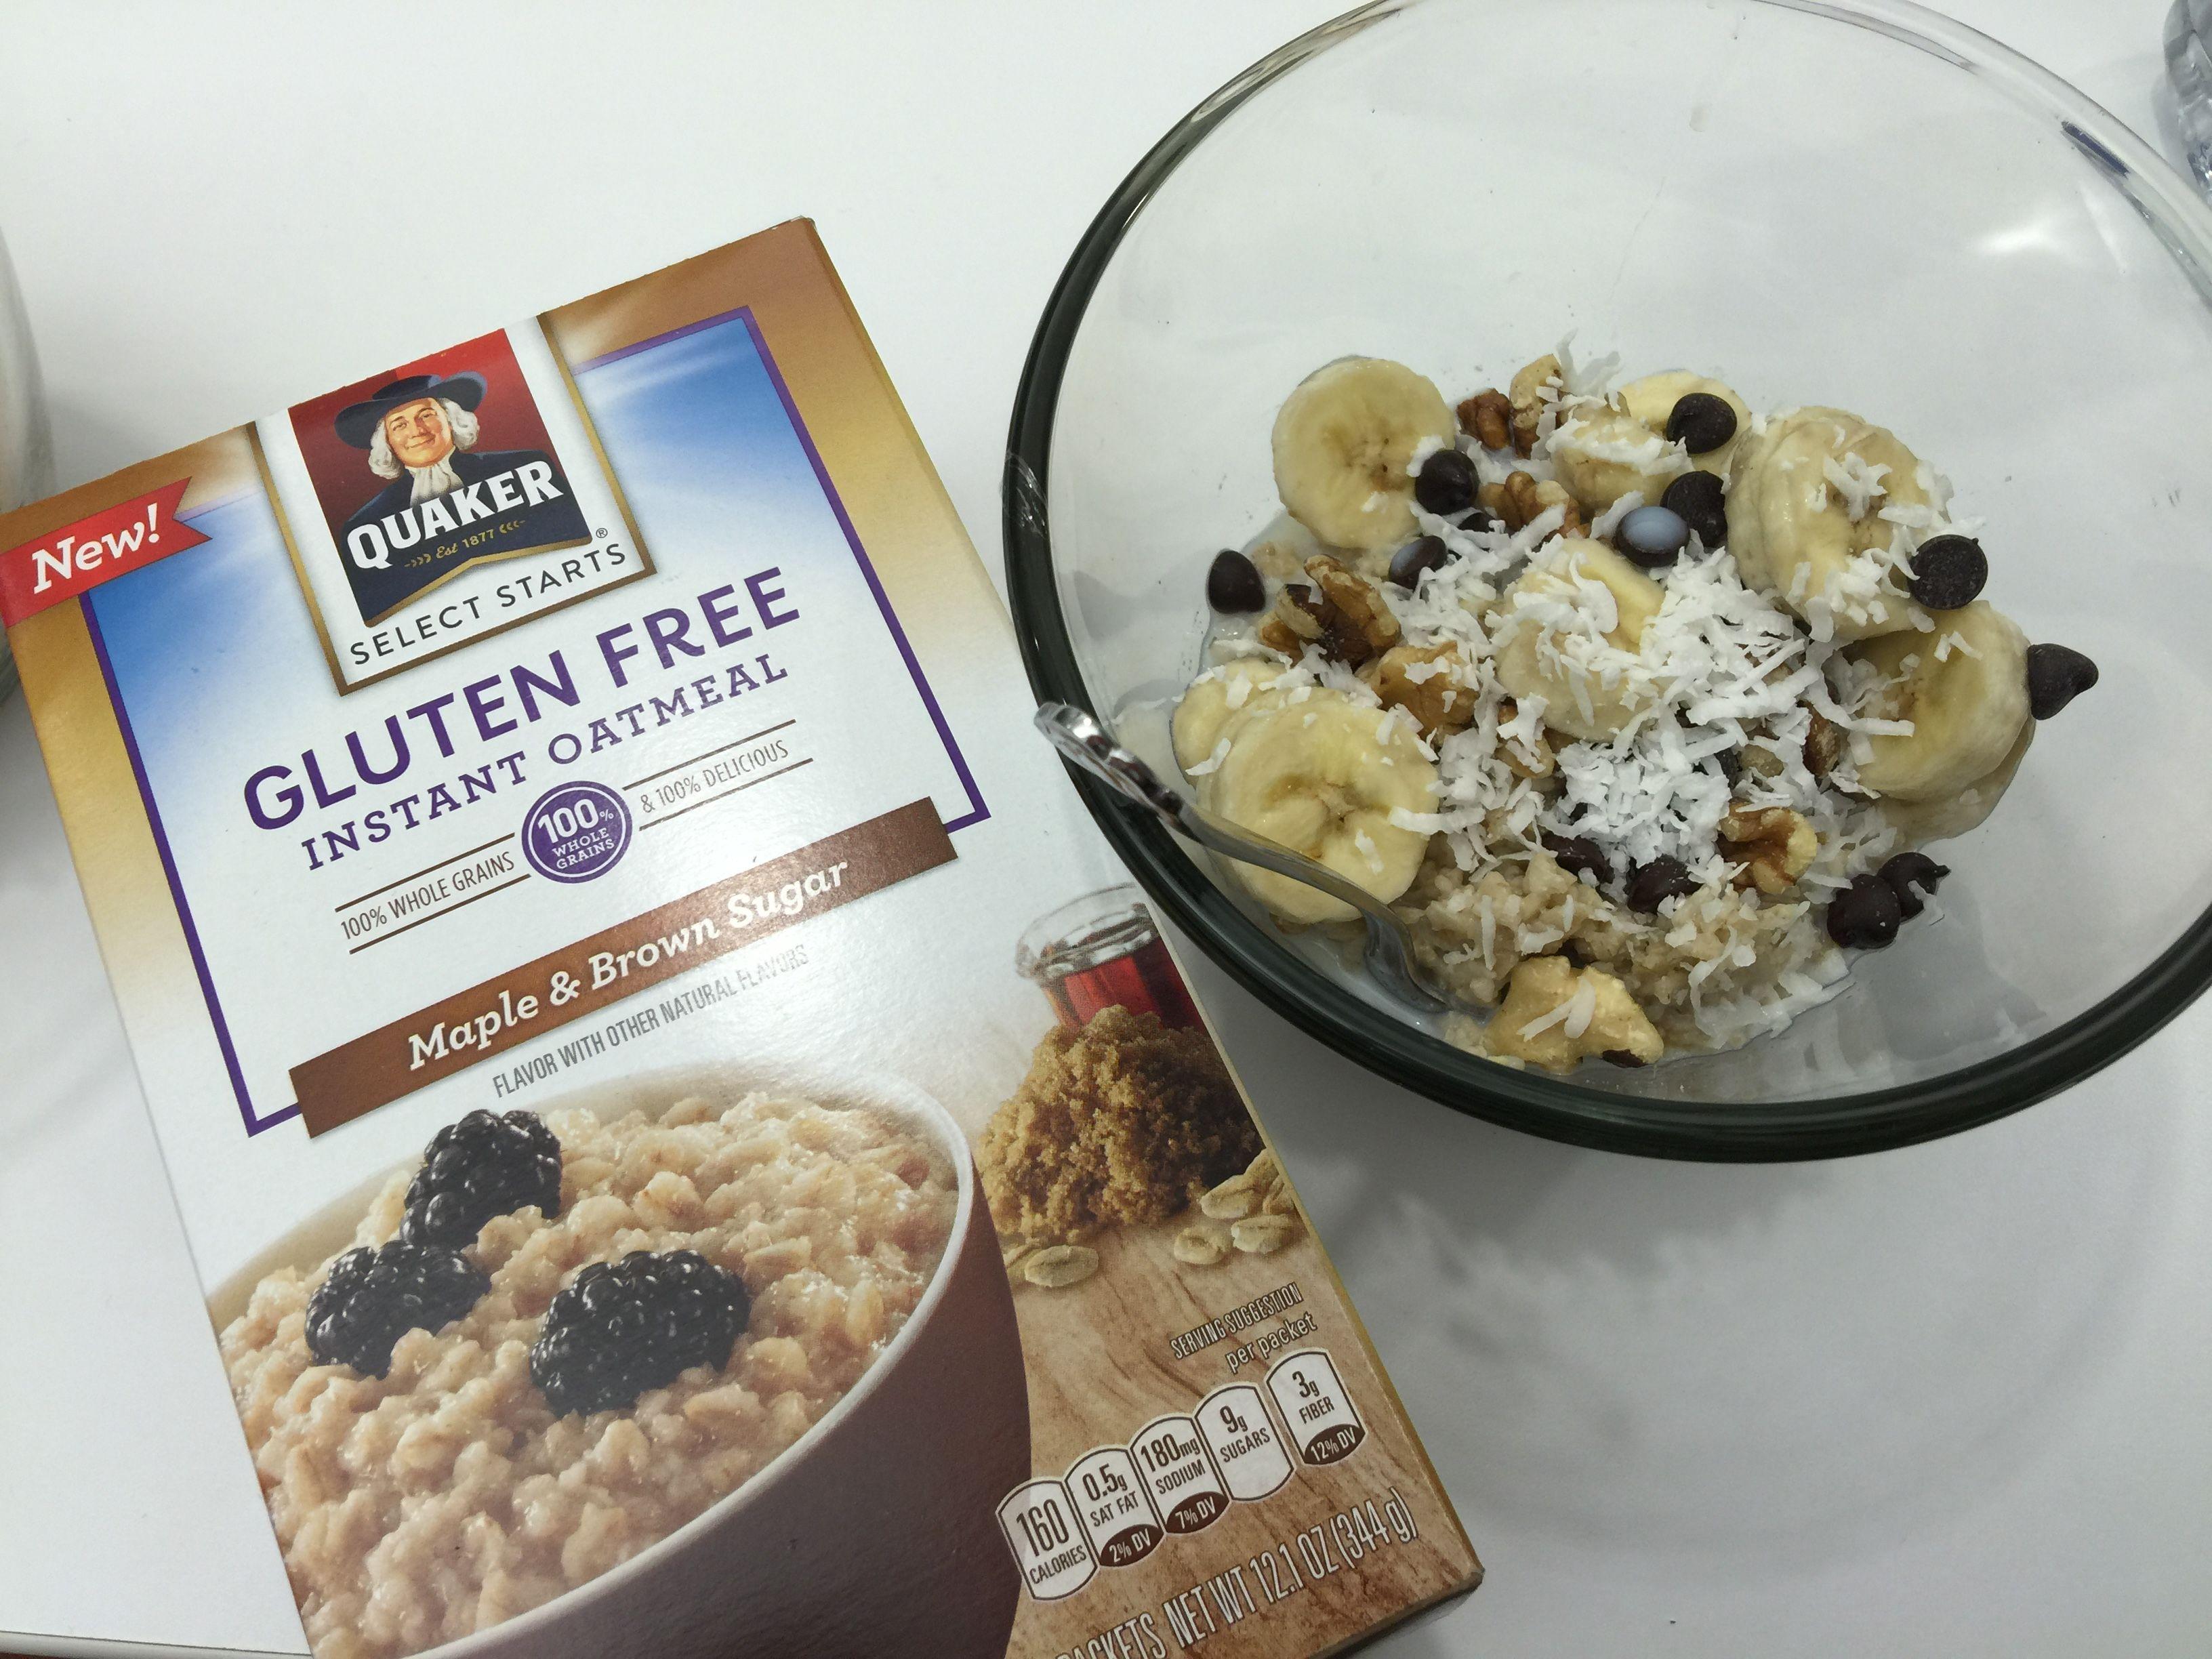 Gluten free quaker oats quaker oats gluten free oats